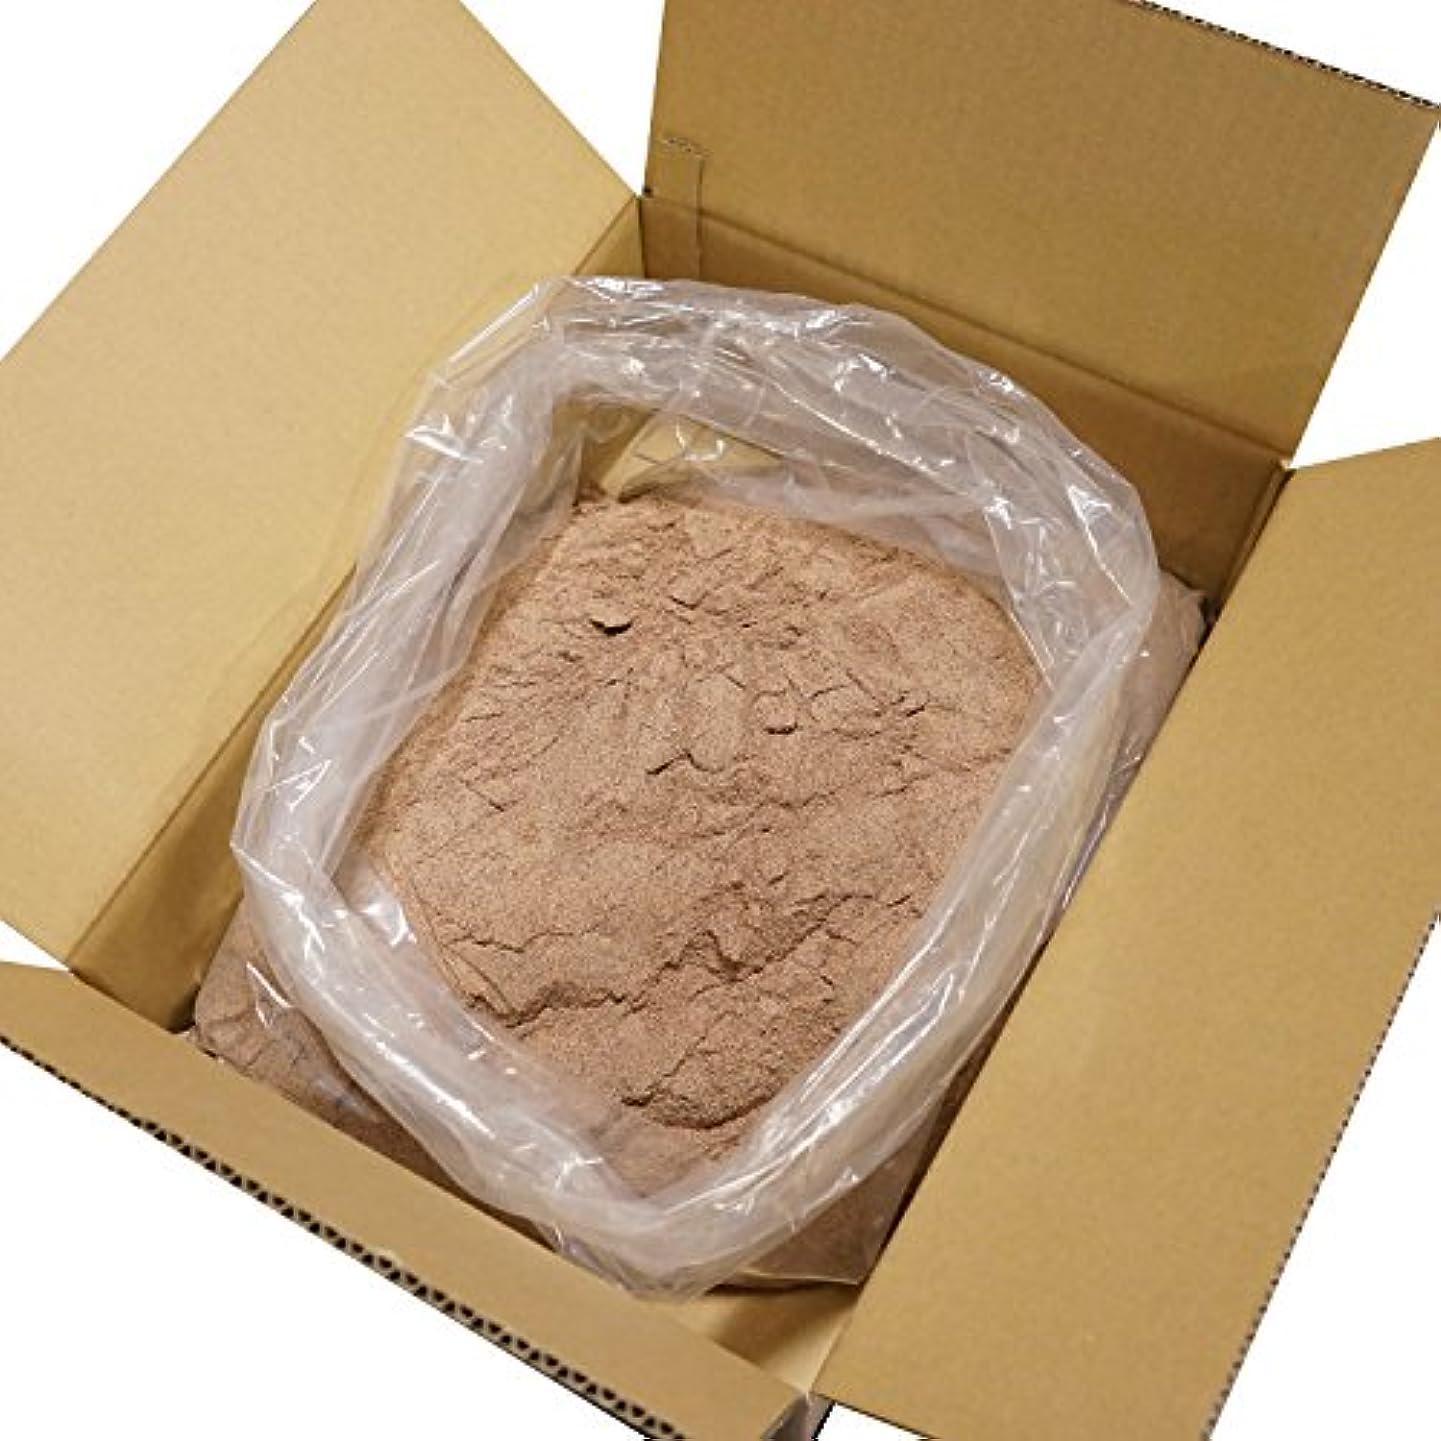 下線インテリア枢機卿ヒマラヤ 岩塩 ブラック パウダー 細粒タイプ 業務用 原料 (5kg)